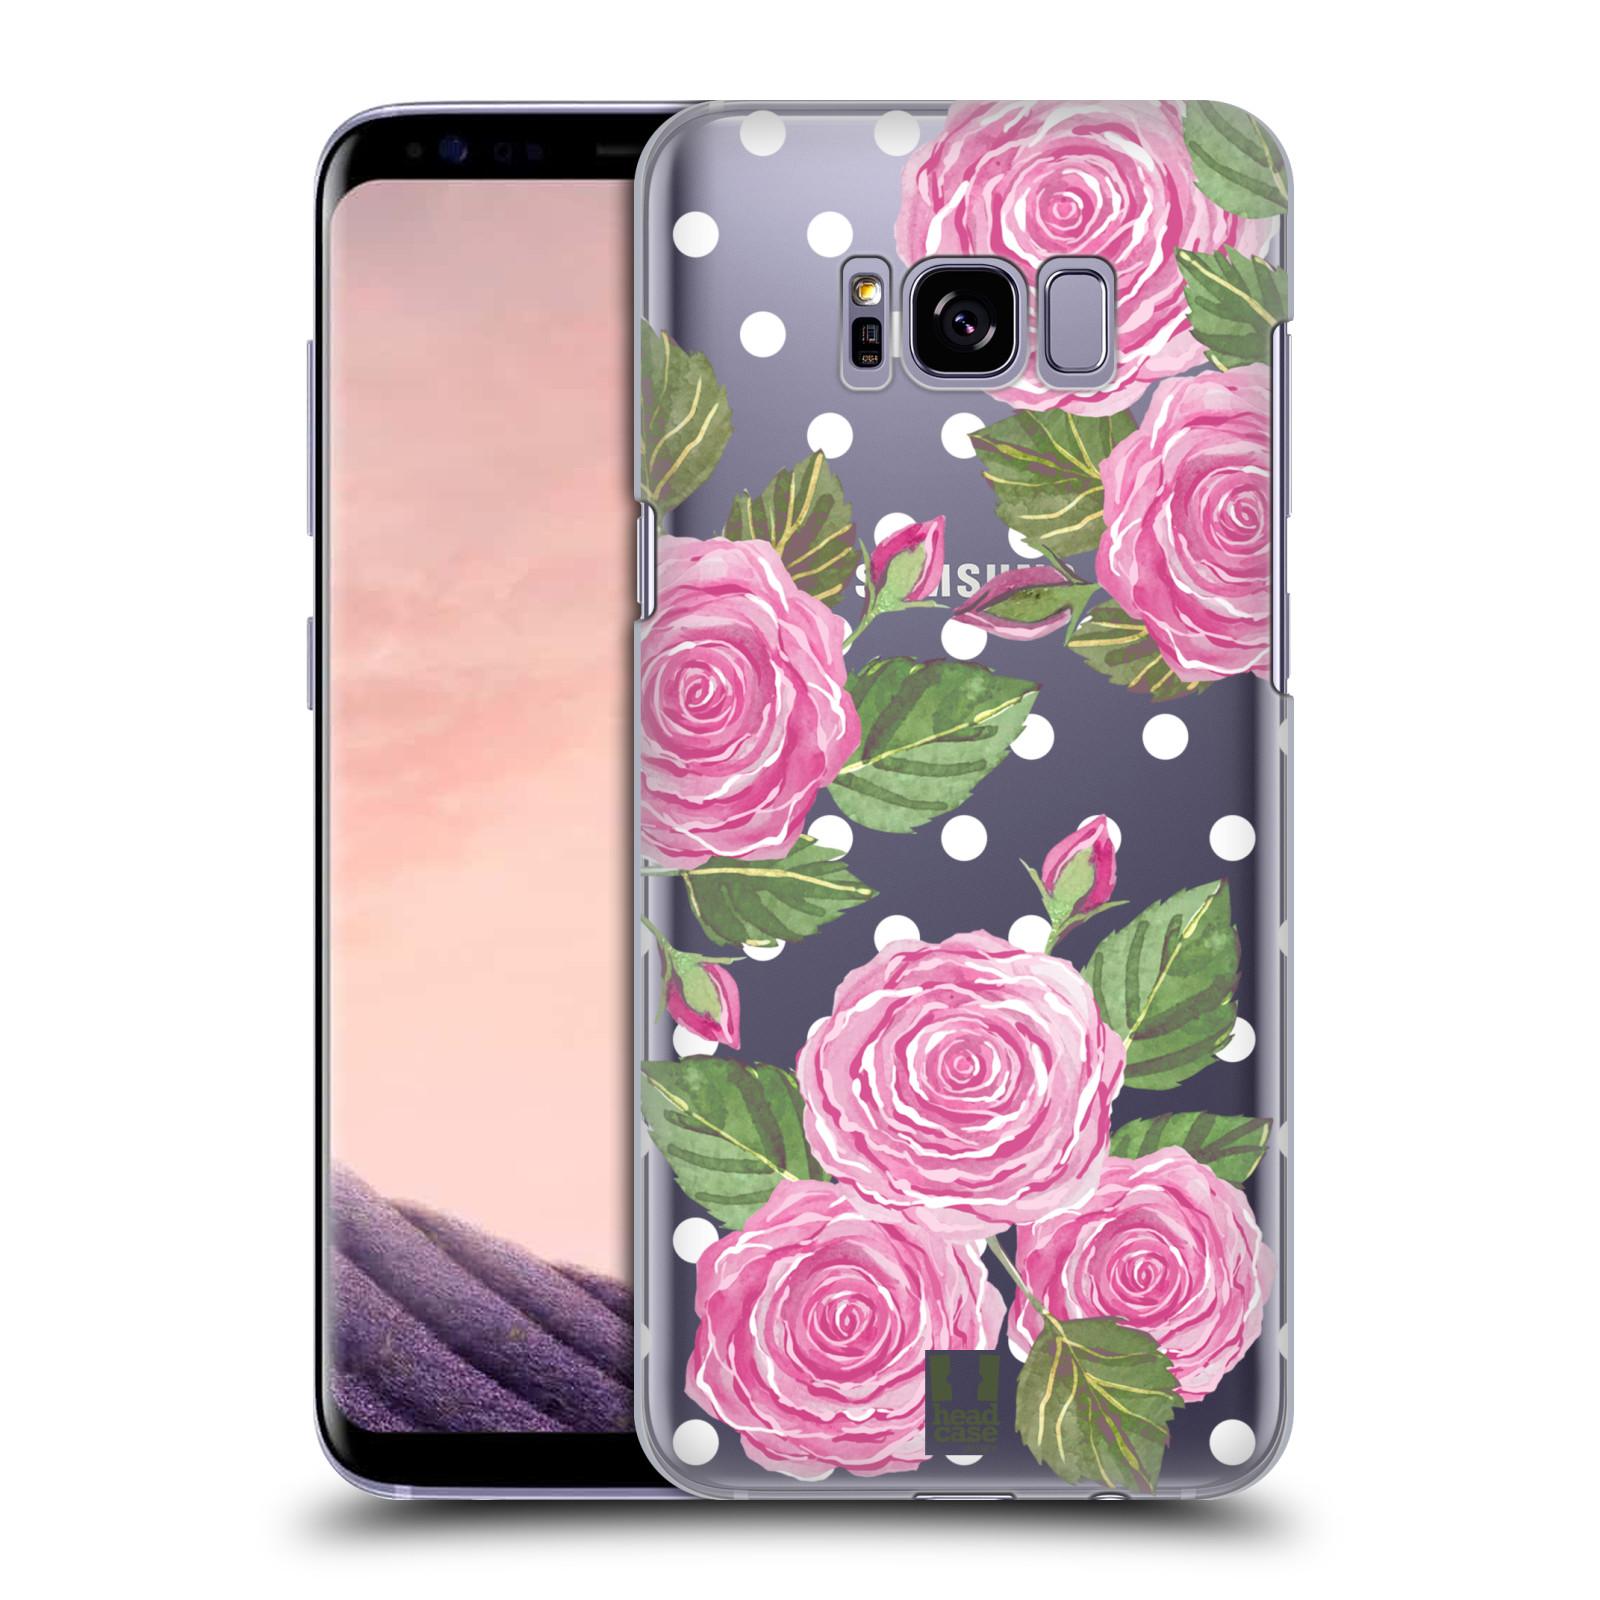 Plastové pouzdro na mobil Samsung Galaxy S8+ (Plus) - Head Case - Hezoučké růžičky - průhledné